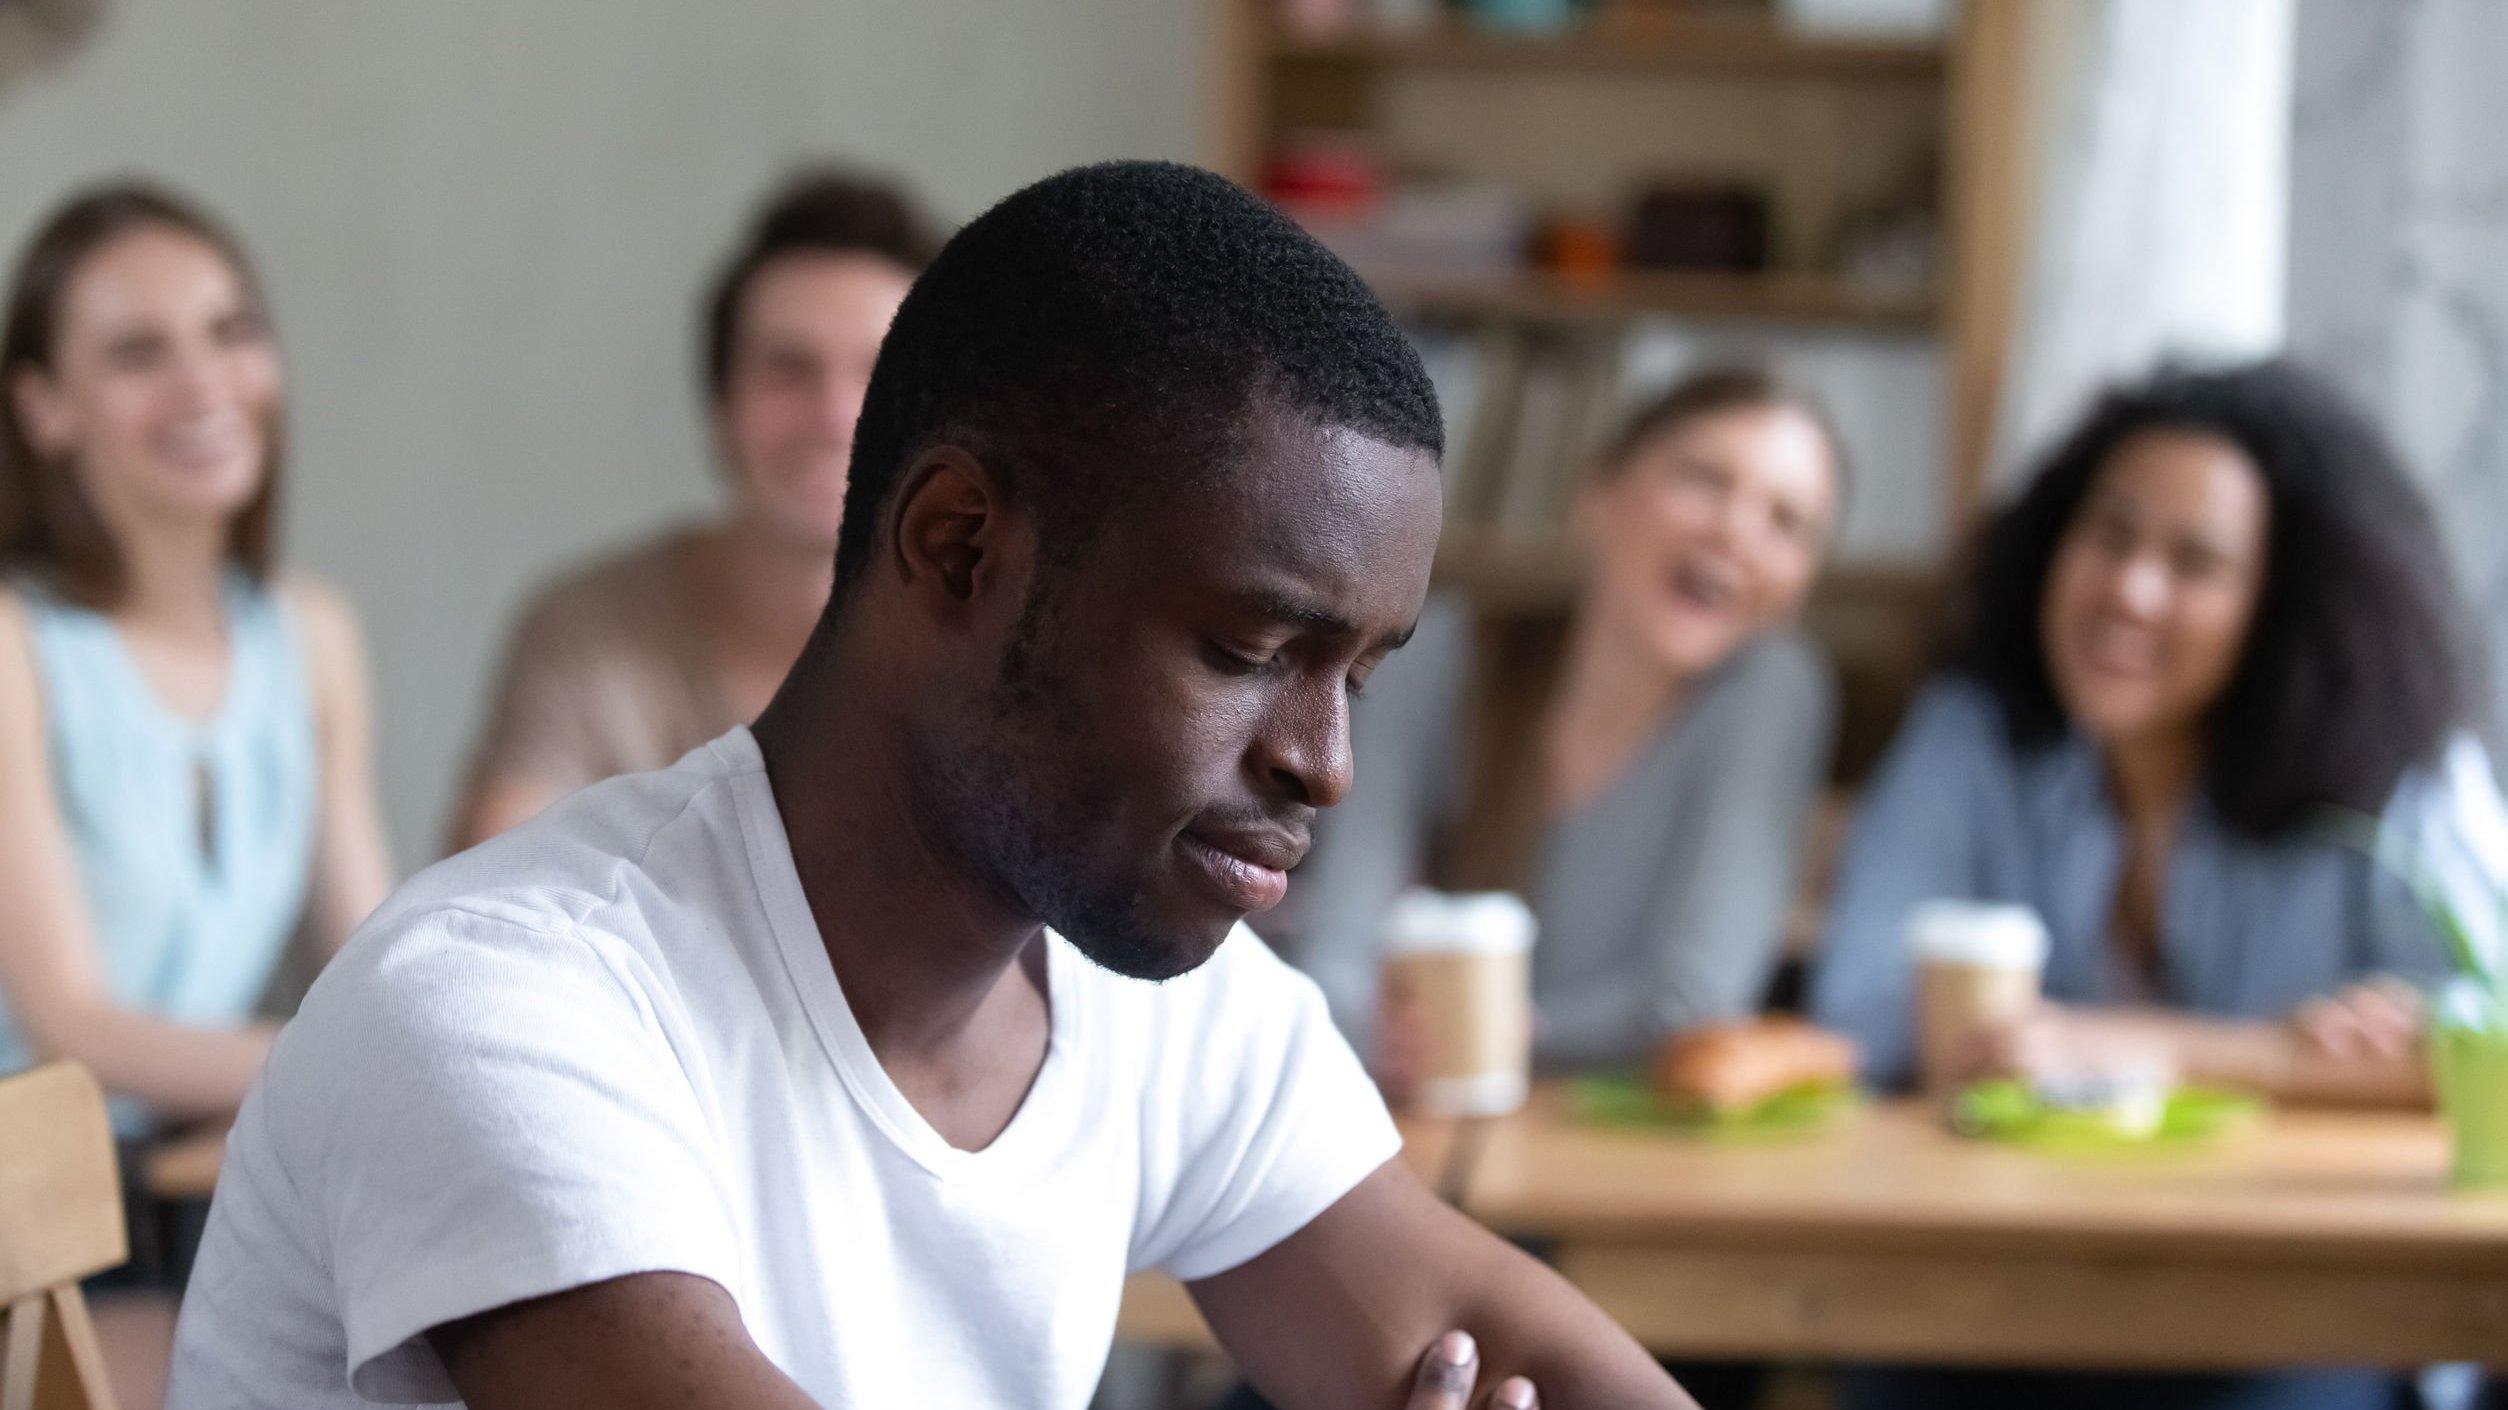 Homem negro com expressão de triste. Mulheres ao fundo rindo.